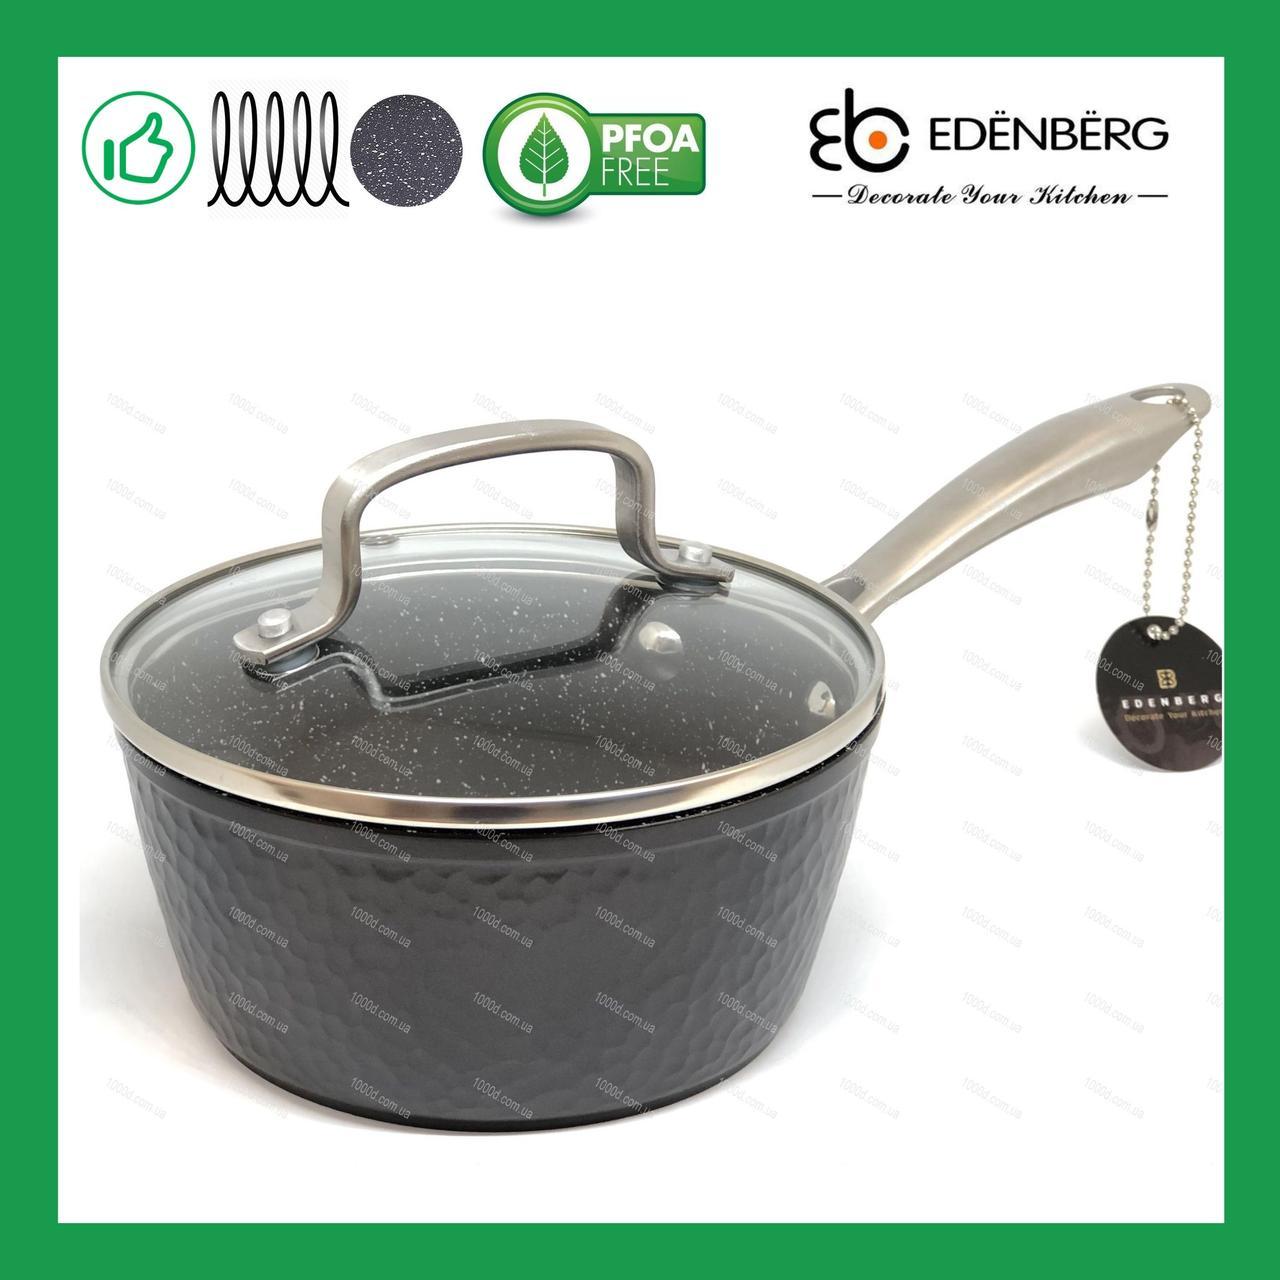 Ковшик 2.5 л Edenberg с мраморным антипригарным покрытием литой алюминий с крышкой 18 см (EB-3674)